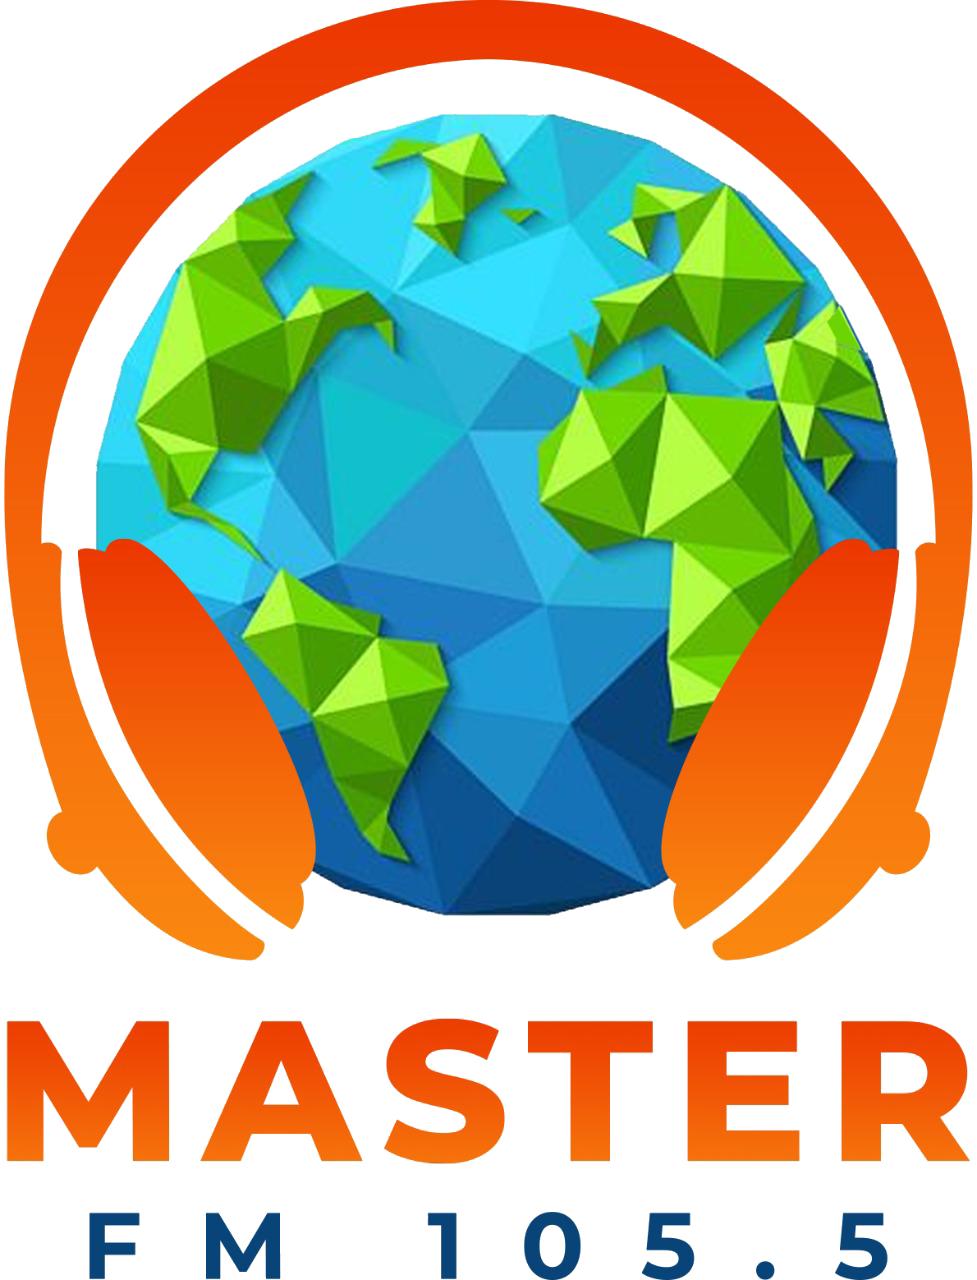 FM MASTER 105.5